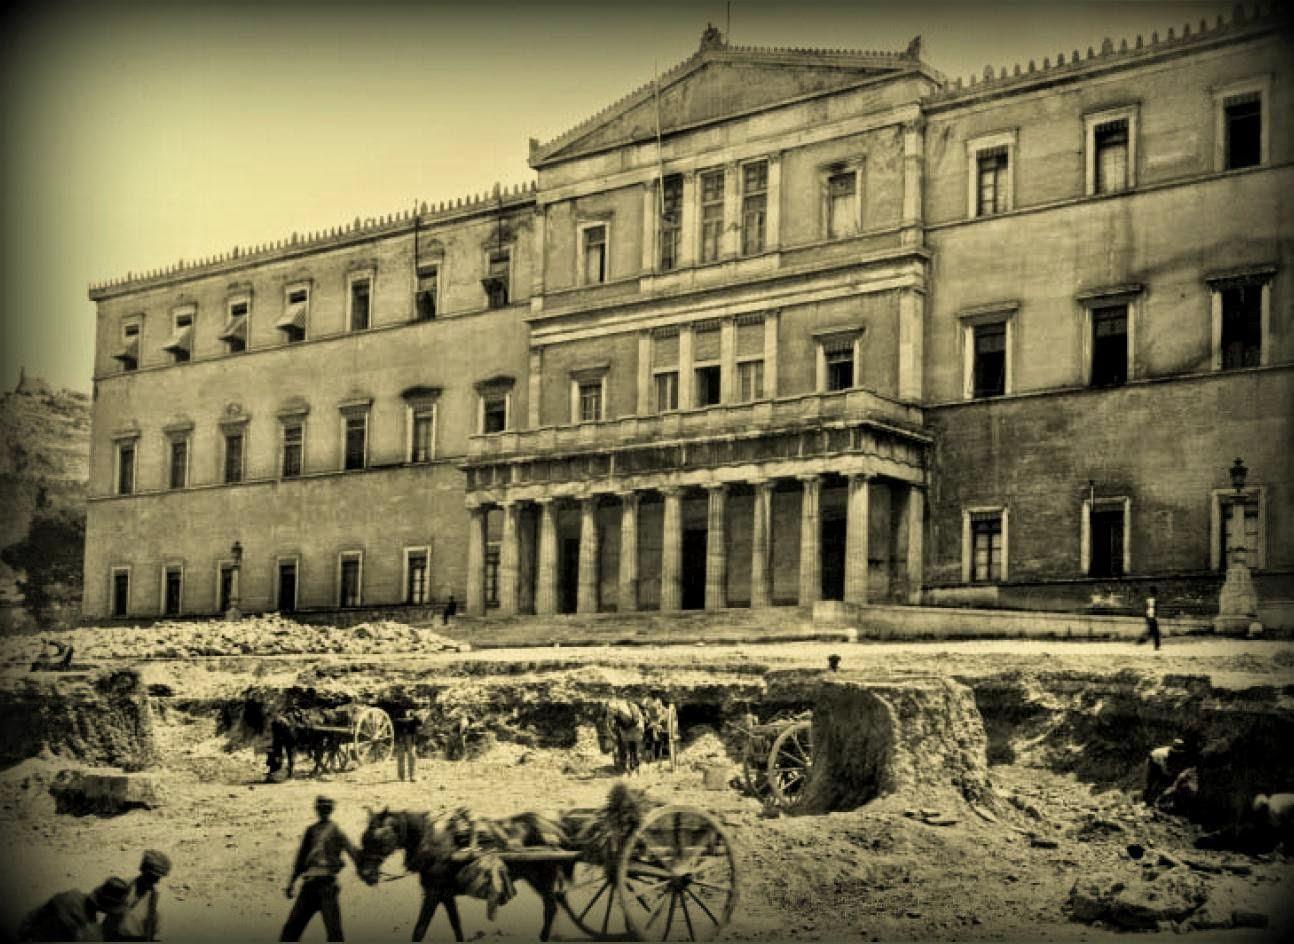 Παλιά ανάκτορα Αθήνας, Βουλή